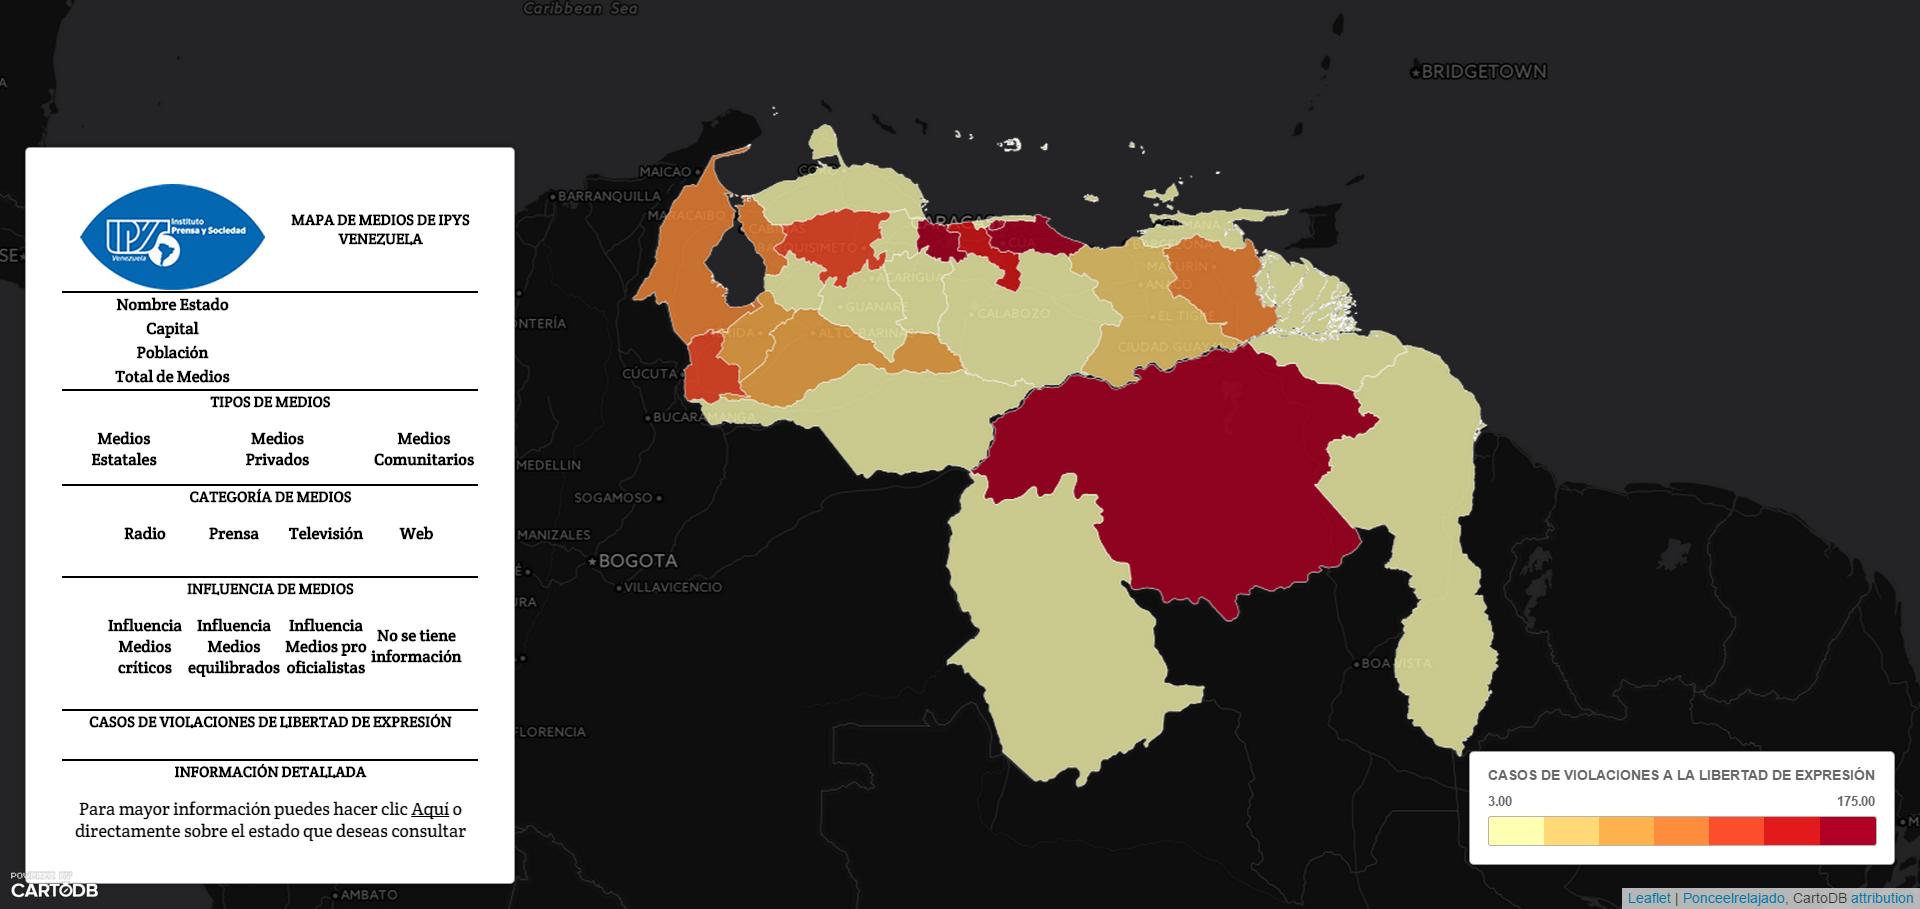 mapa_de_medios